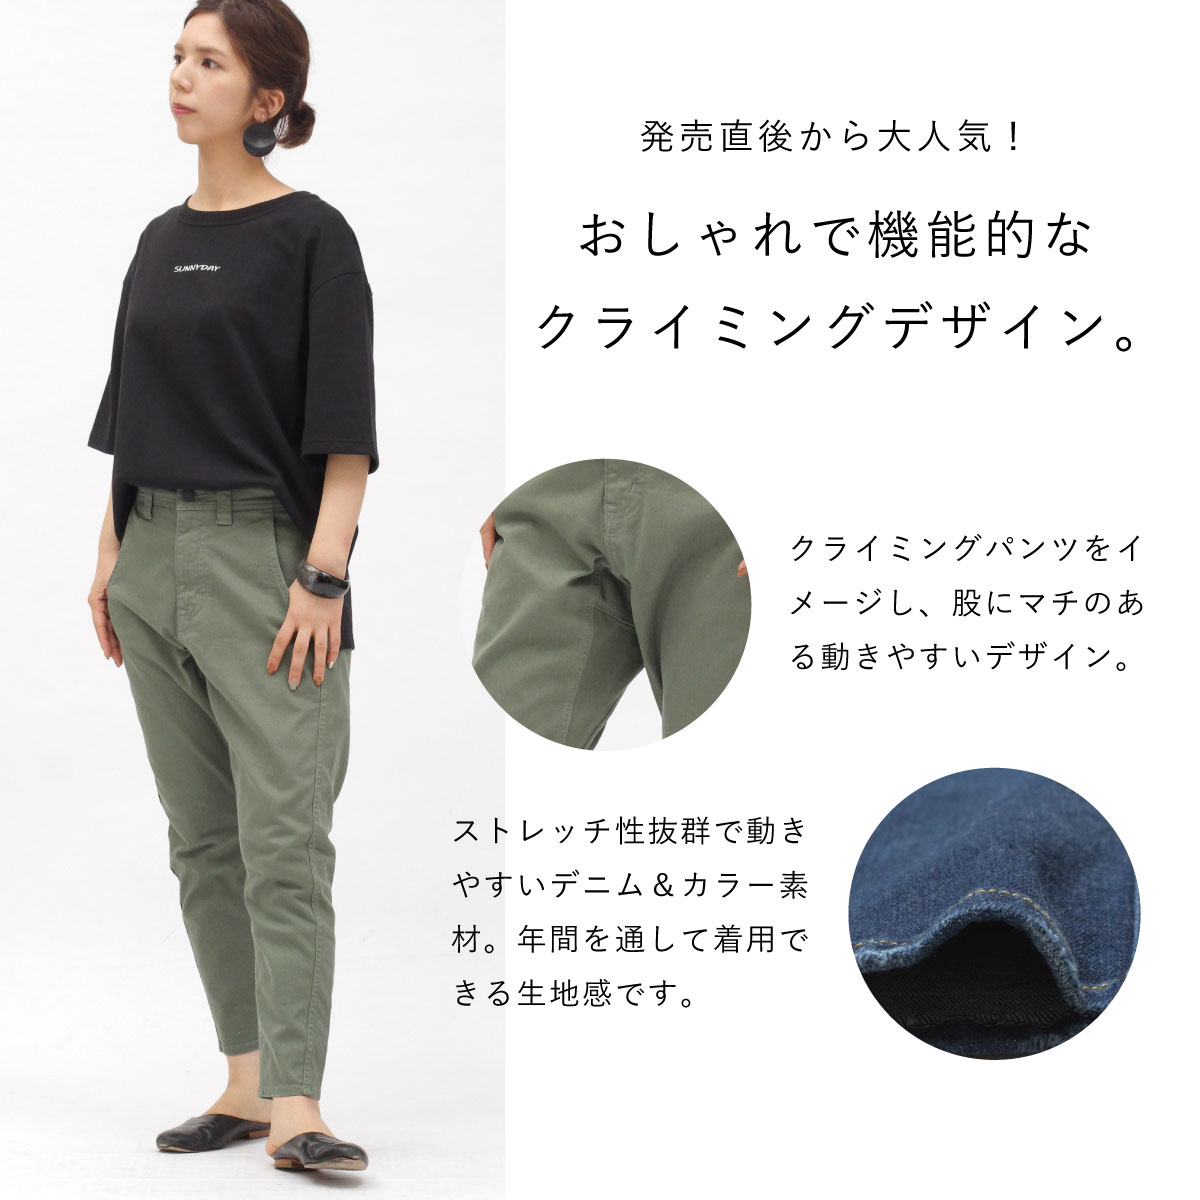 \全品ポイント5倍/Cafetty クライミングスキニー CF0347